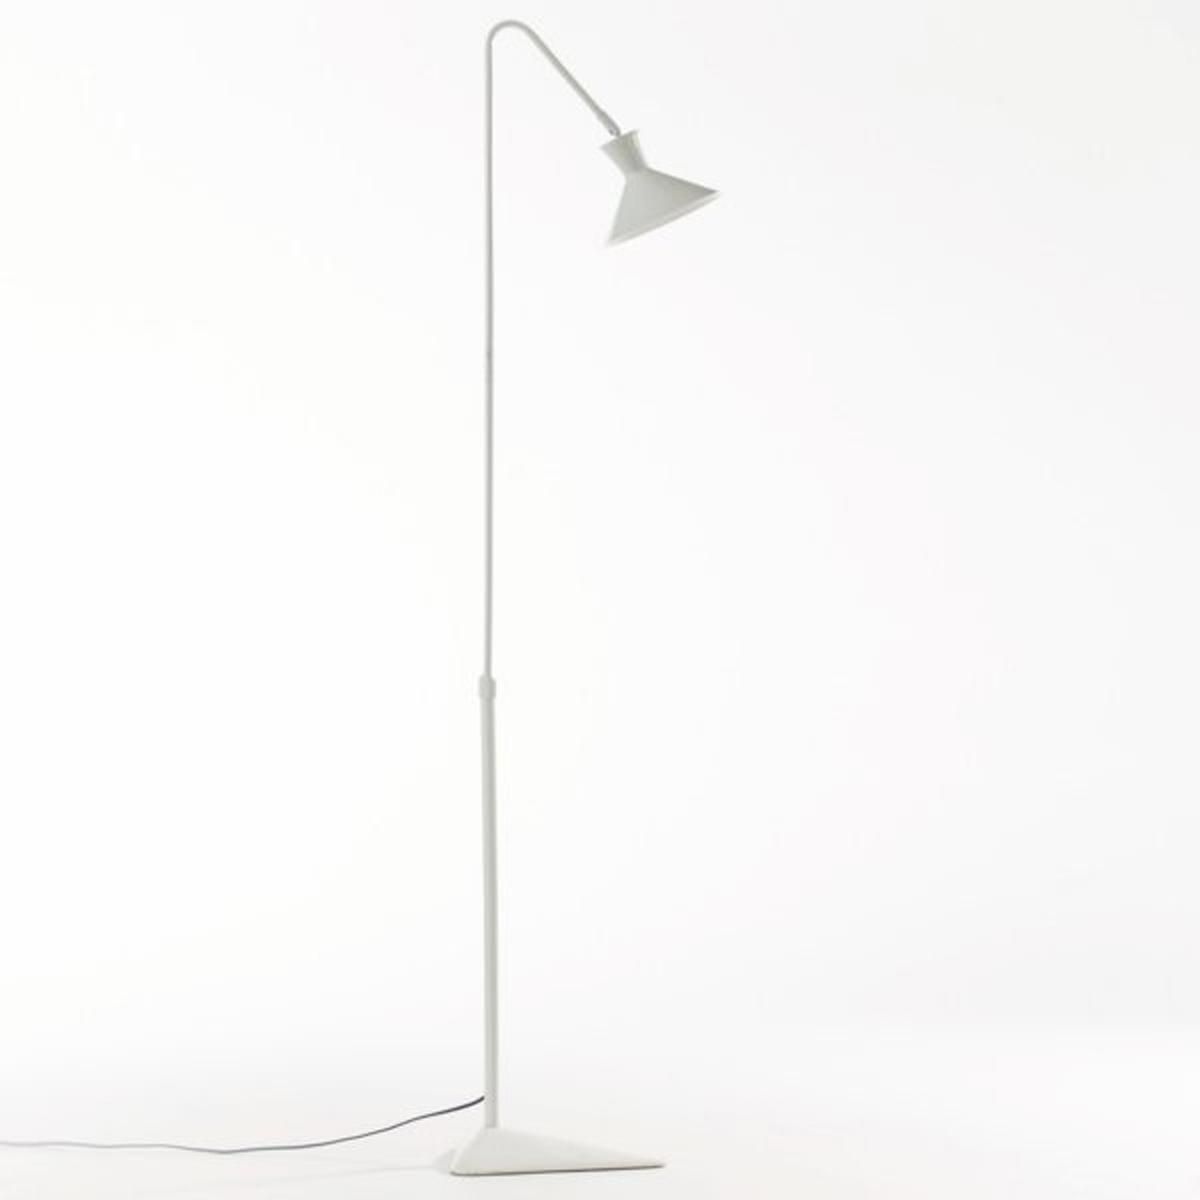 Торшер VoltigeХарактеристики :Лампа/Торшер из металла с эпоксидным покрытием .Регулируемая по высоте ножка .Патрон E14 для флюокомпактной лампочки макс 11W (не входят в комплект)  .Этот светильник совместим с лампочками    энергетического класса  A .Размеры :Высота мин. 100 см, макс. 150 см .Глубина 30 см.Размеры и вес коробки :Д.94 x Выс.18,5 x Гл.35 см, 4,5 кг .Это изделие может быть использовано в детской комнате (от 14 лет) в зависимости от действующих нормативов.<br><br>Цвет: белый,черный